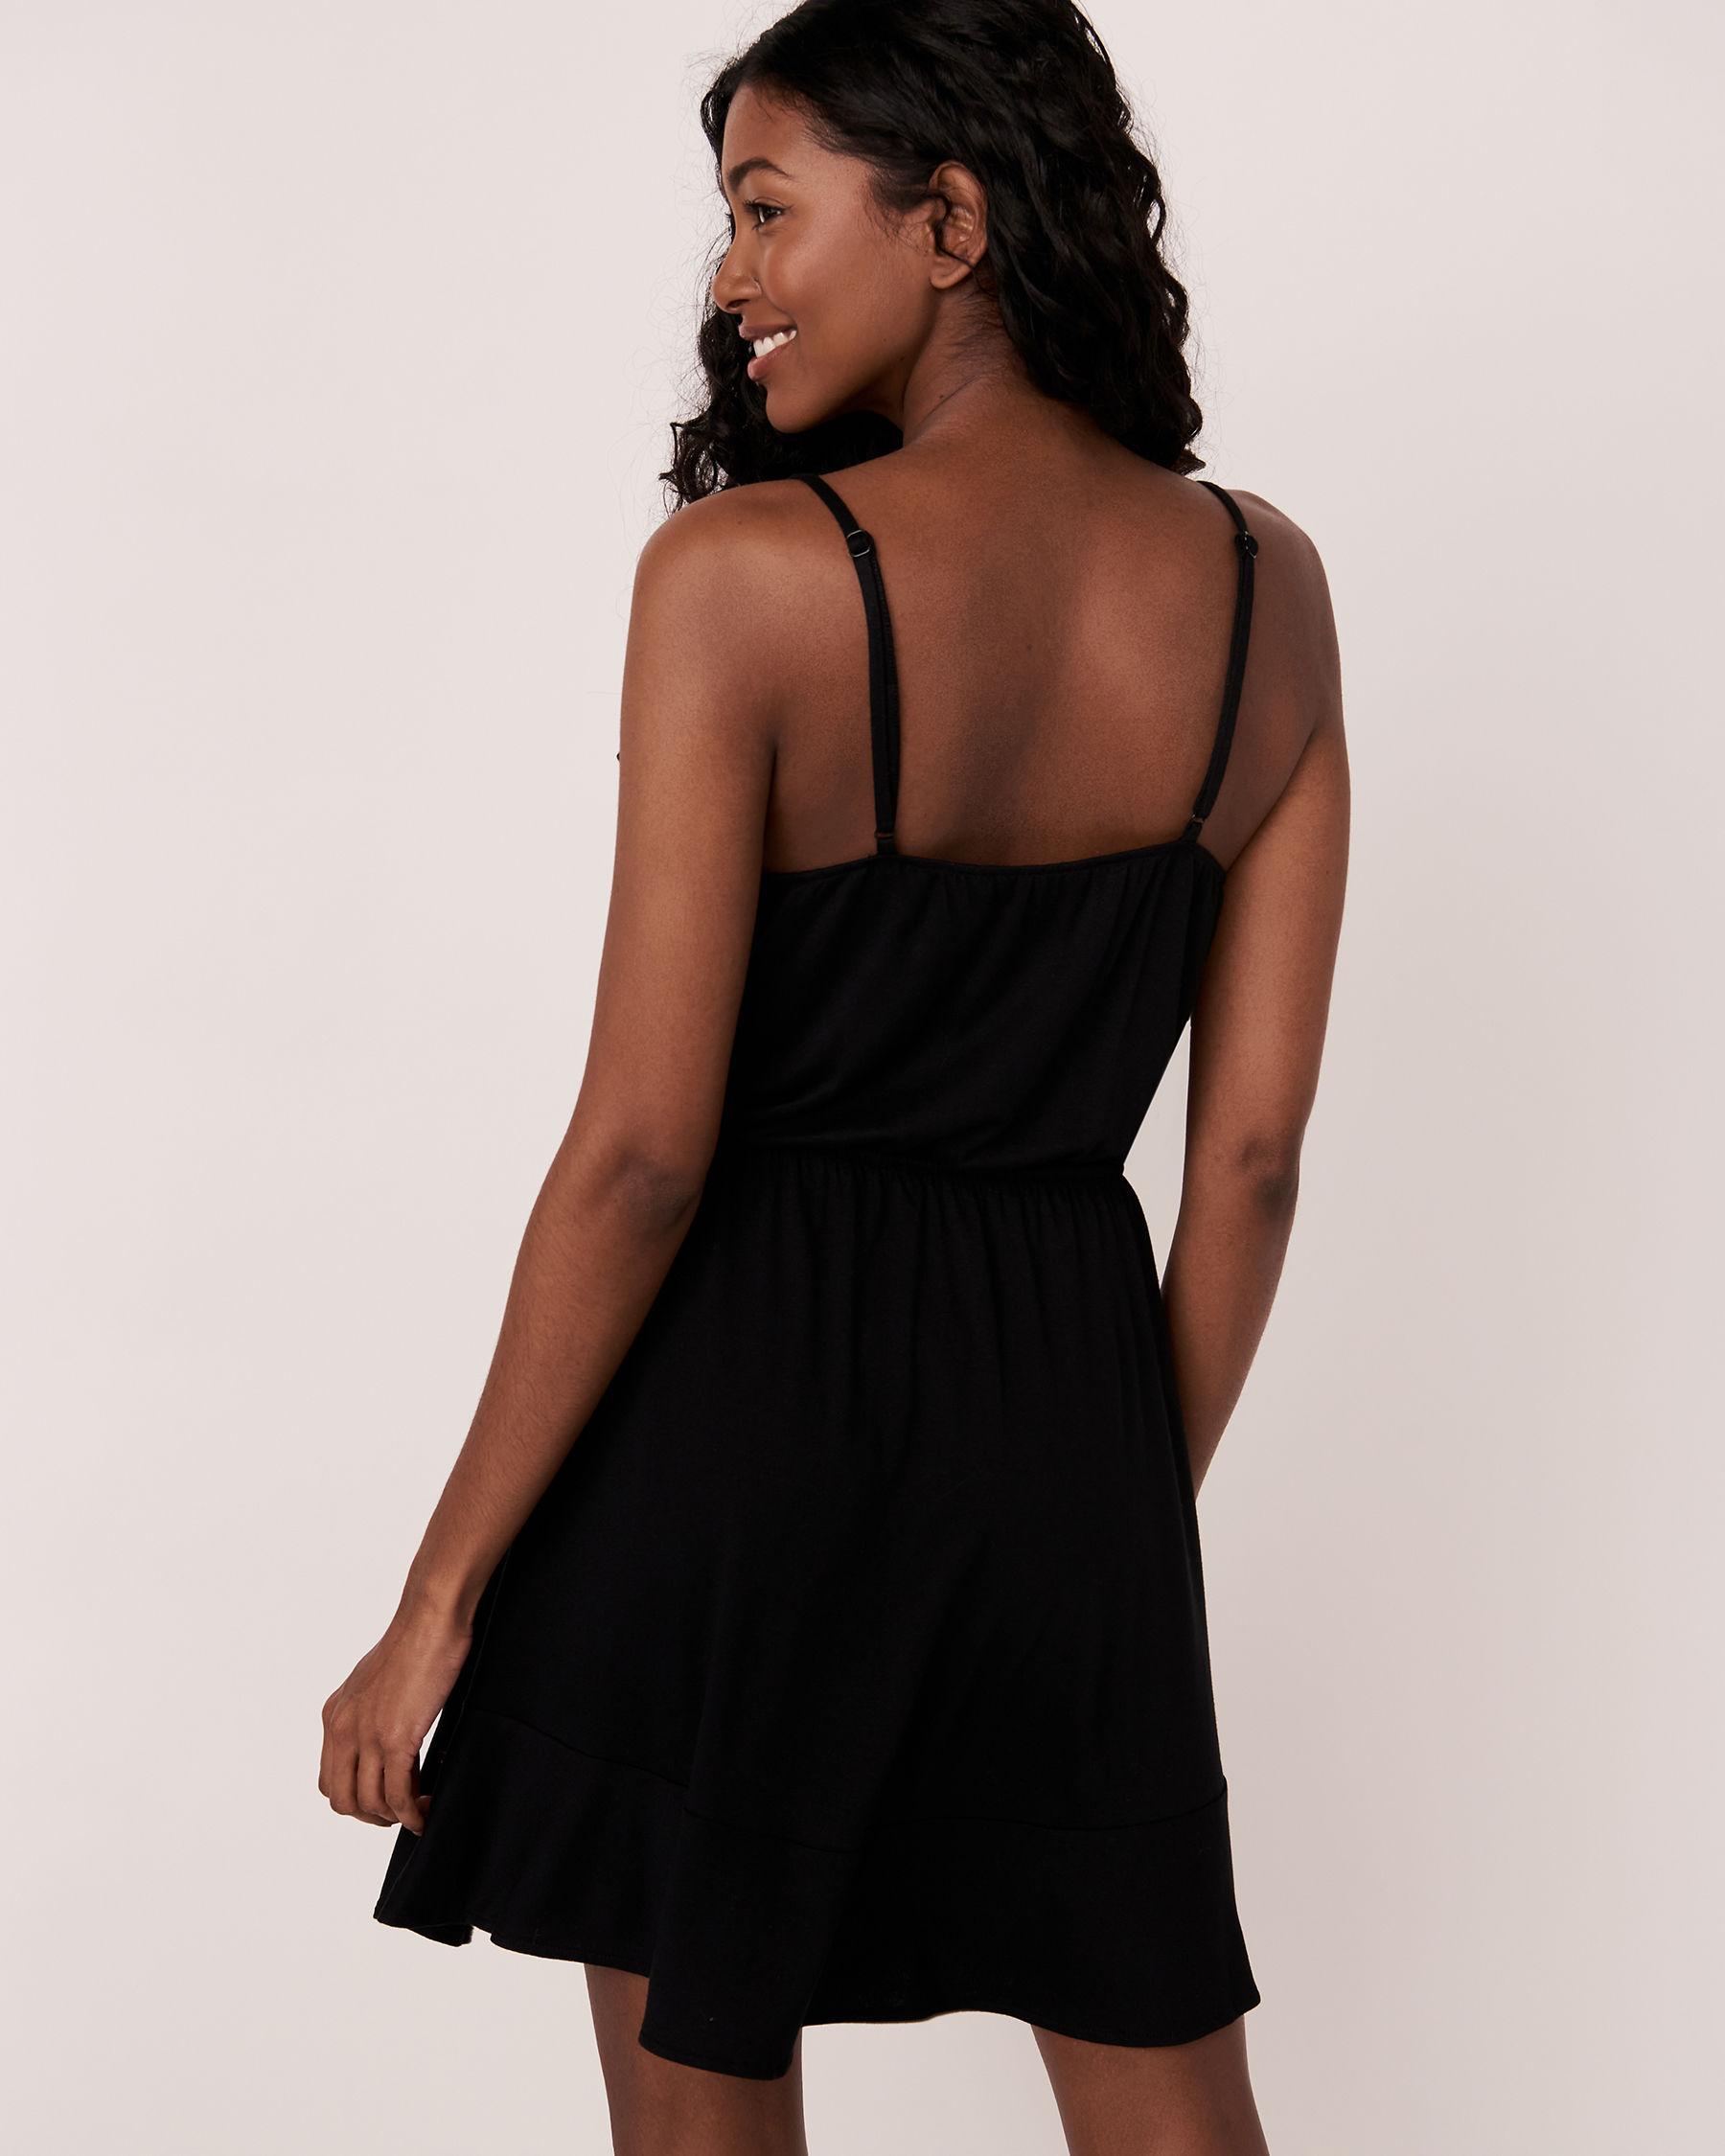 LA VIE EN ROSE AQUA Short Ruffle Dress Black 80300016 - View2